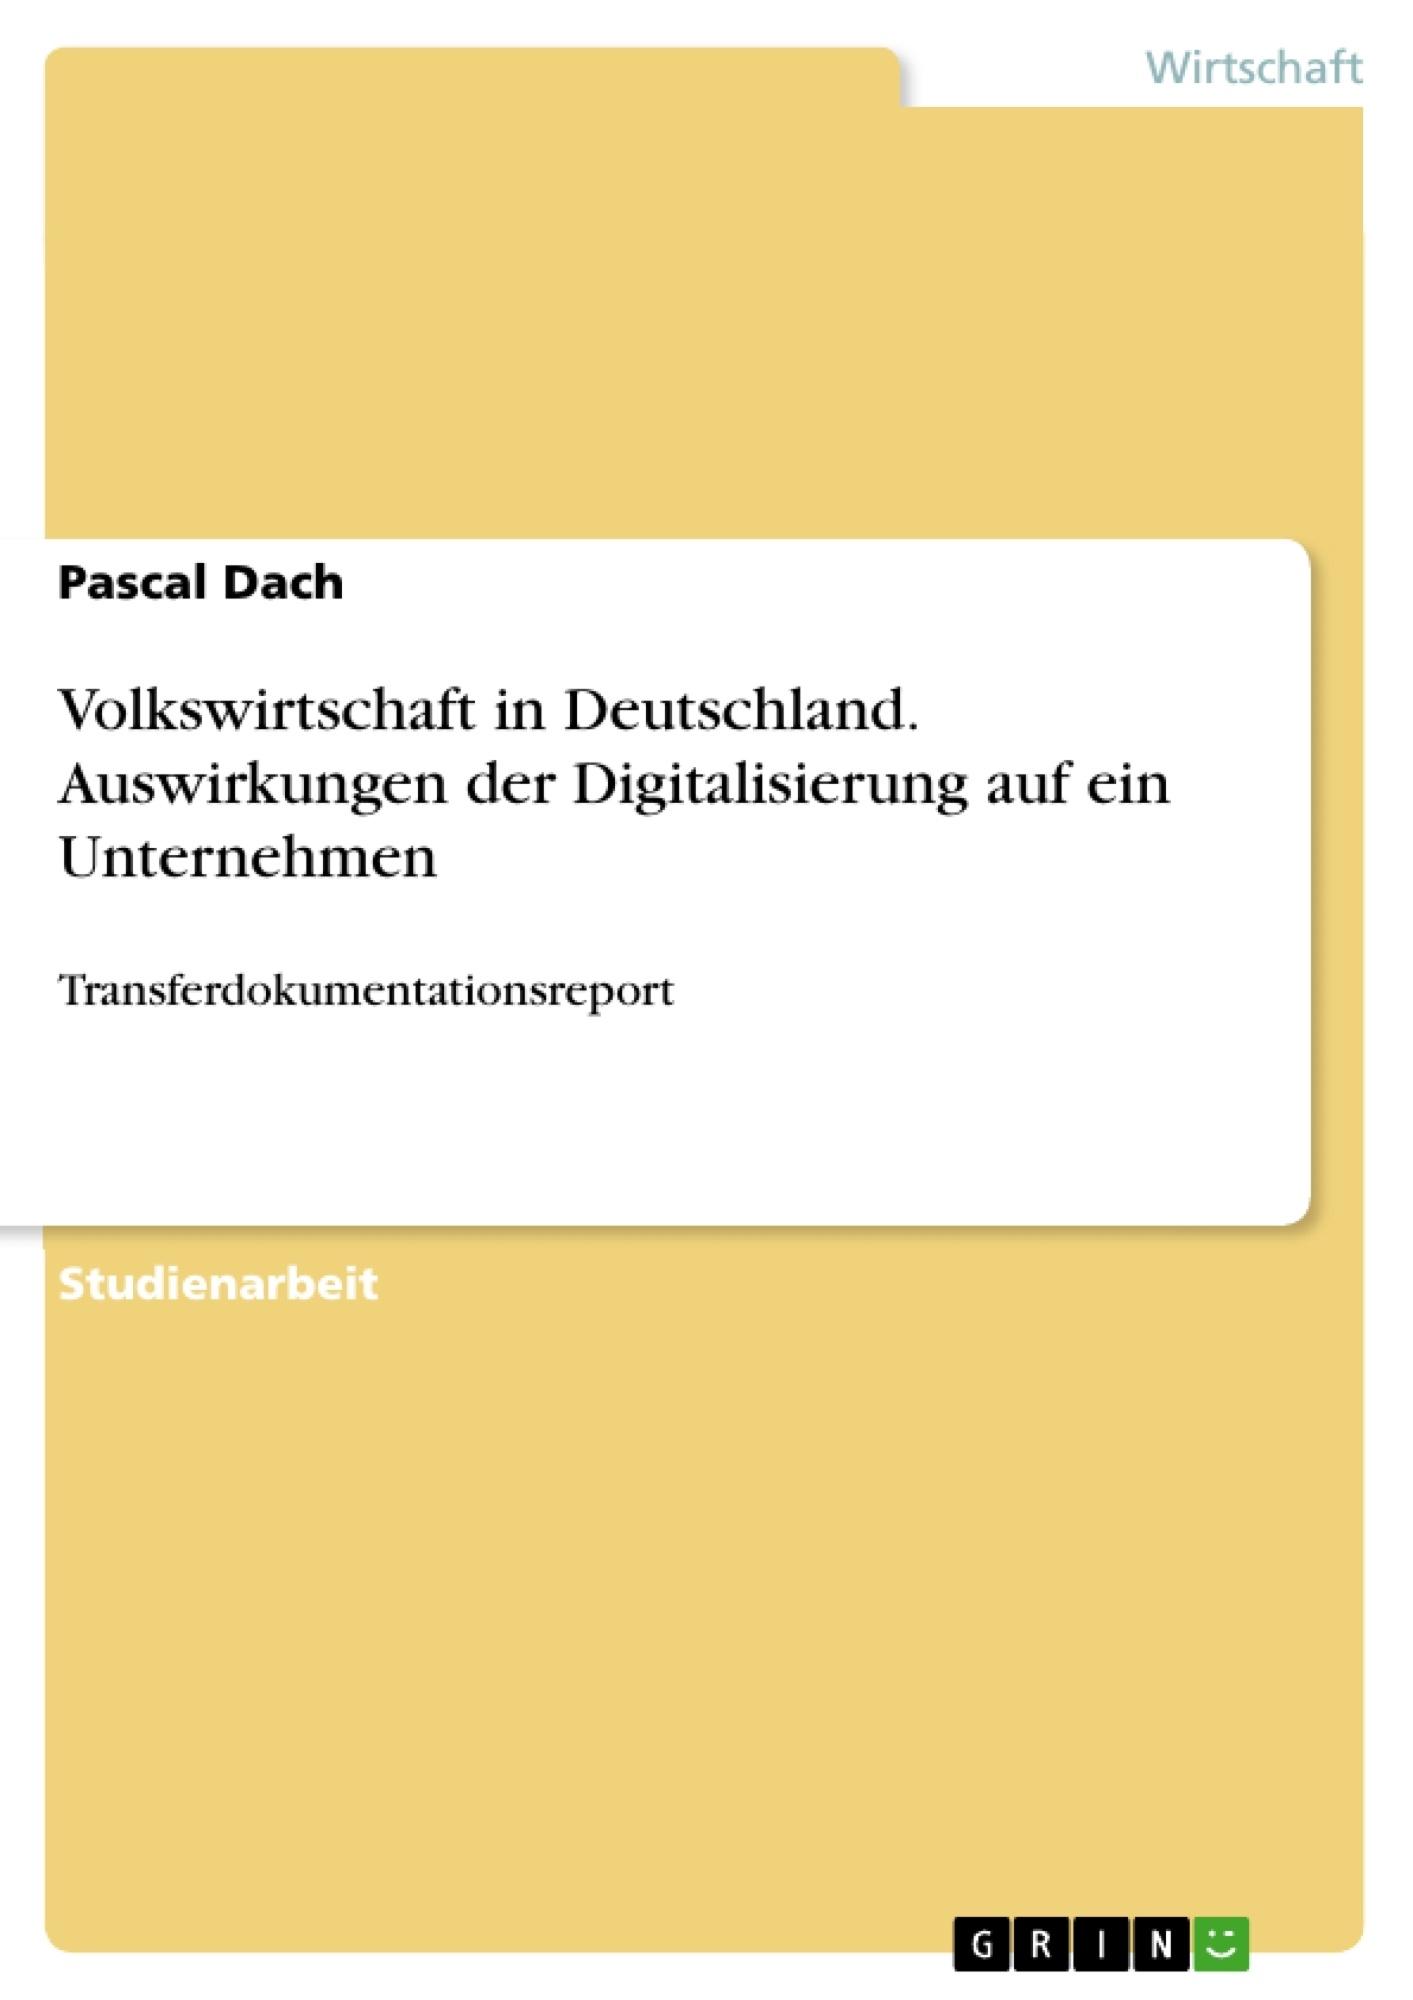 Titel: Volkswirtschaft in Deutschland. Auswirkungen der Digitalisierung auf ein Unternehmen